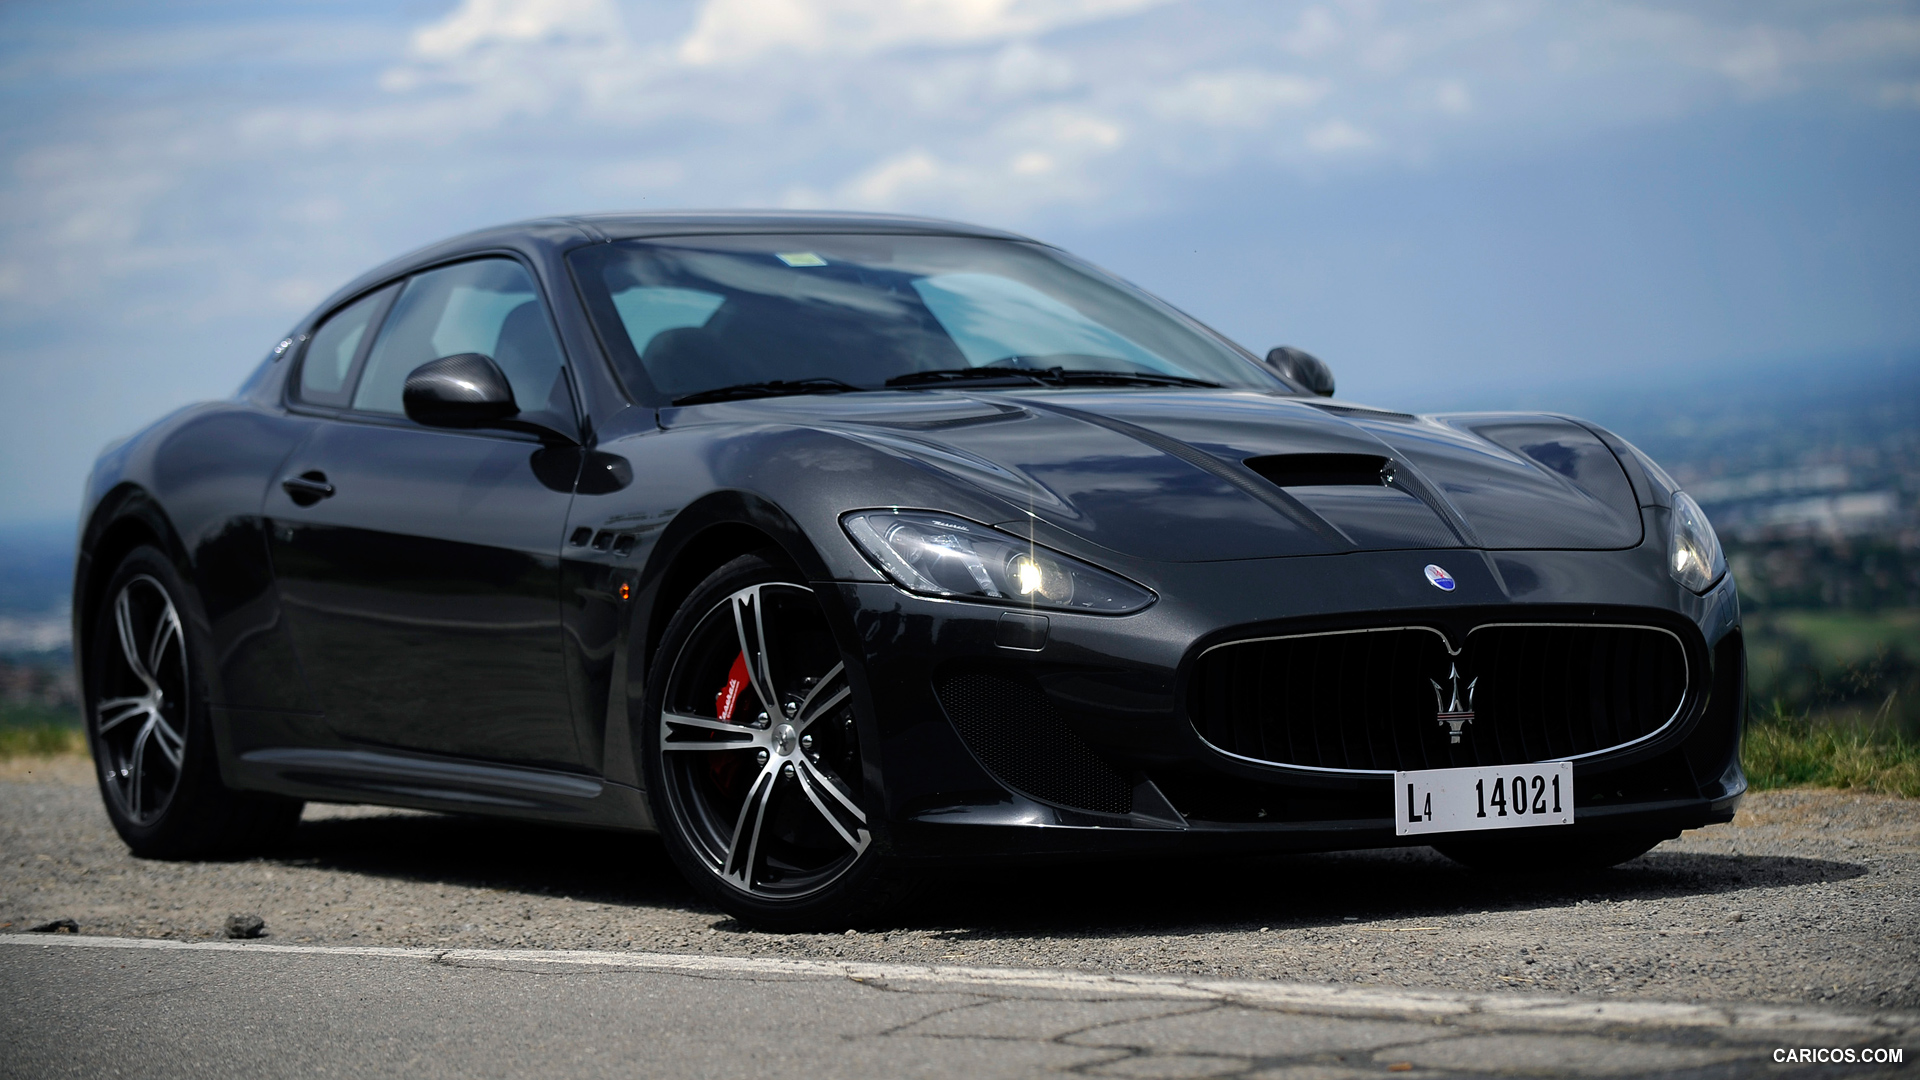 2014 Maserati GranTurismo MC Stradale Pics, Vehicles Collection